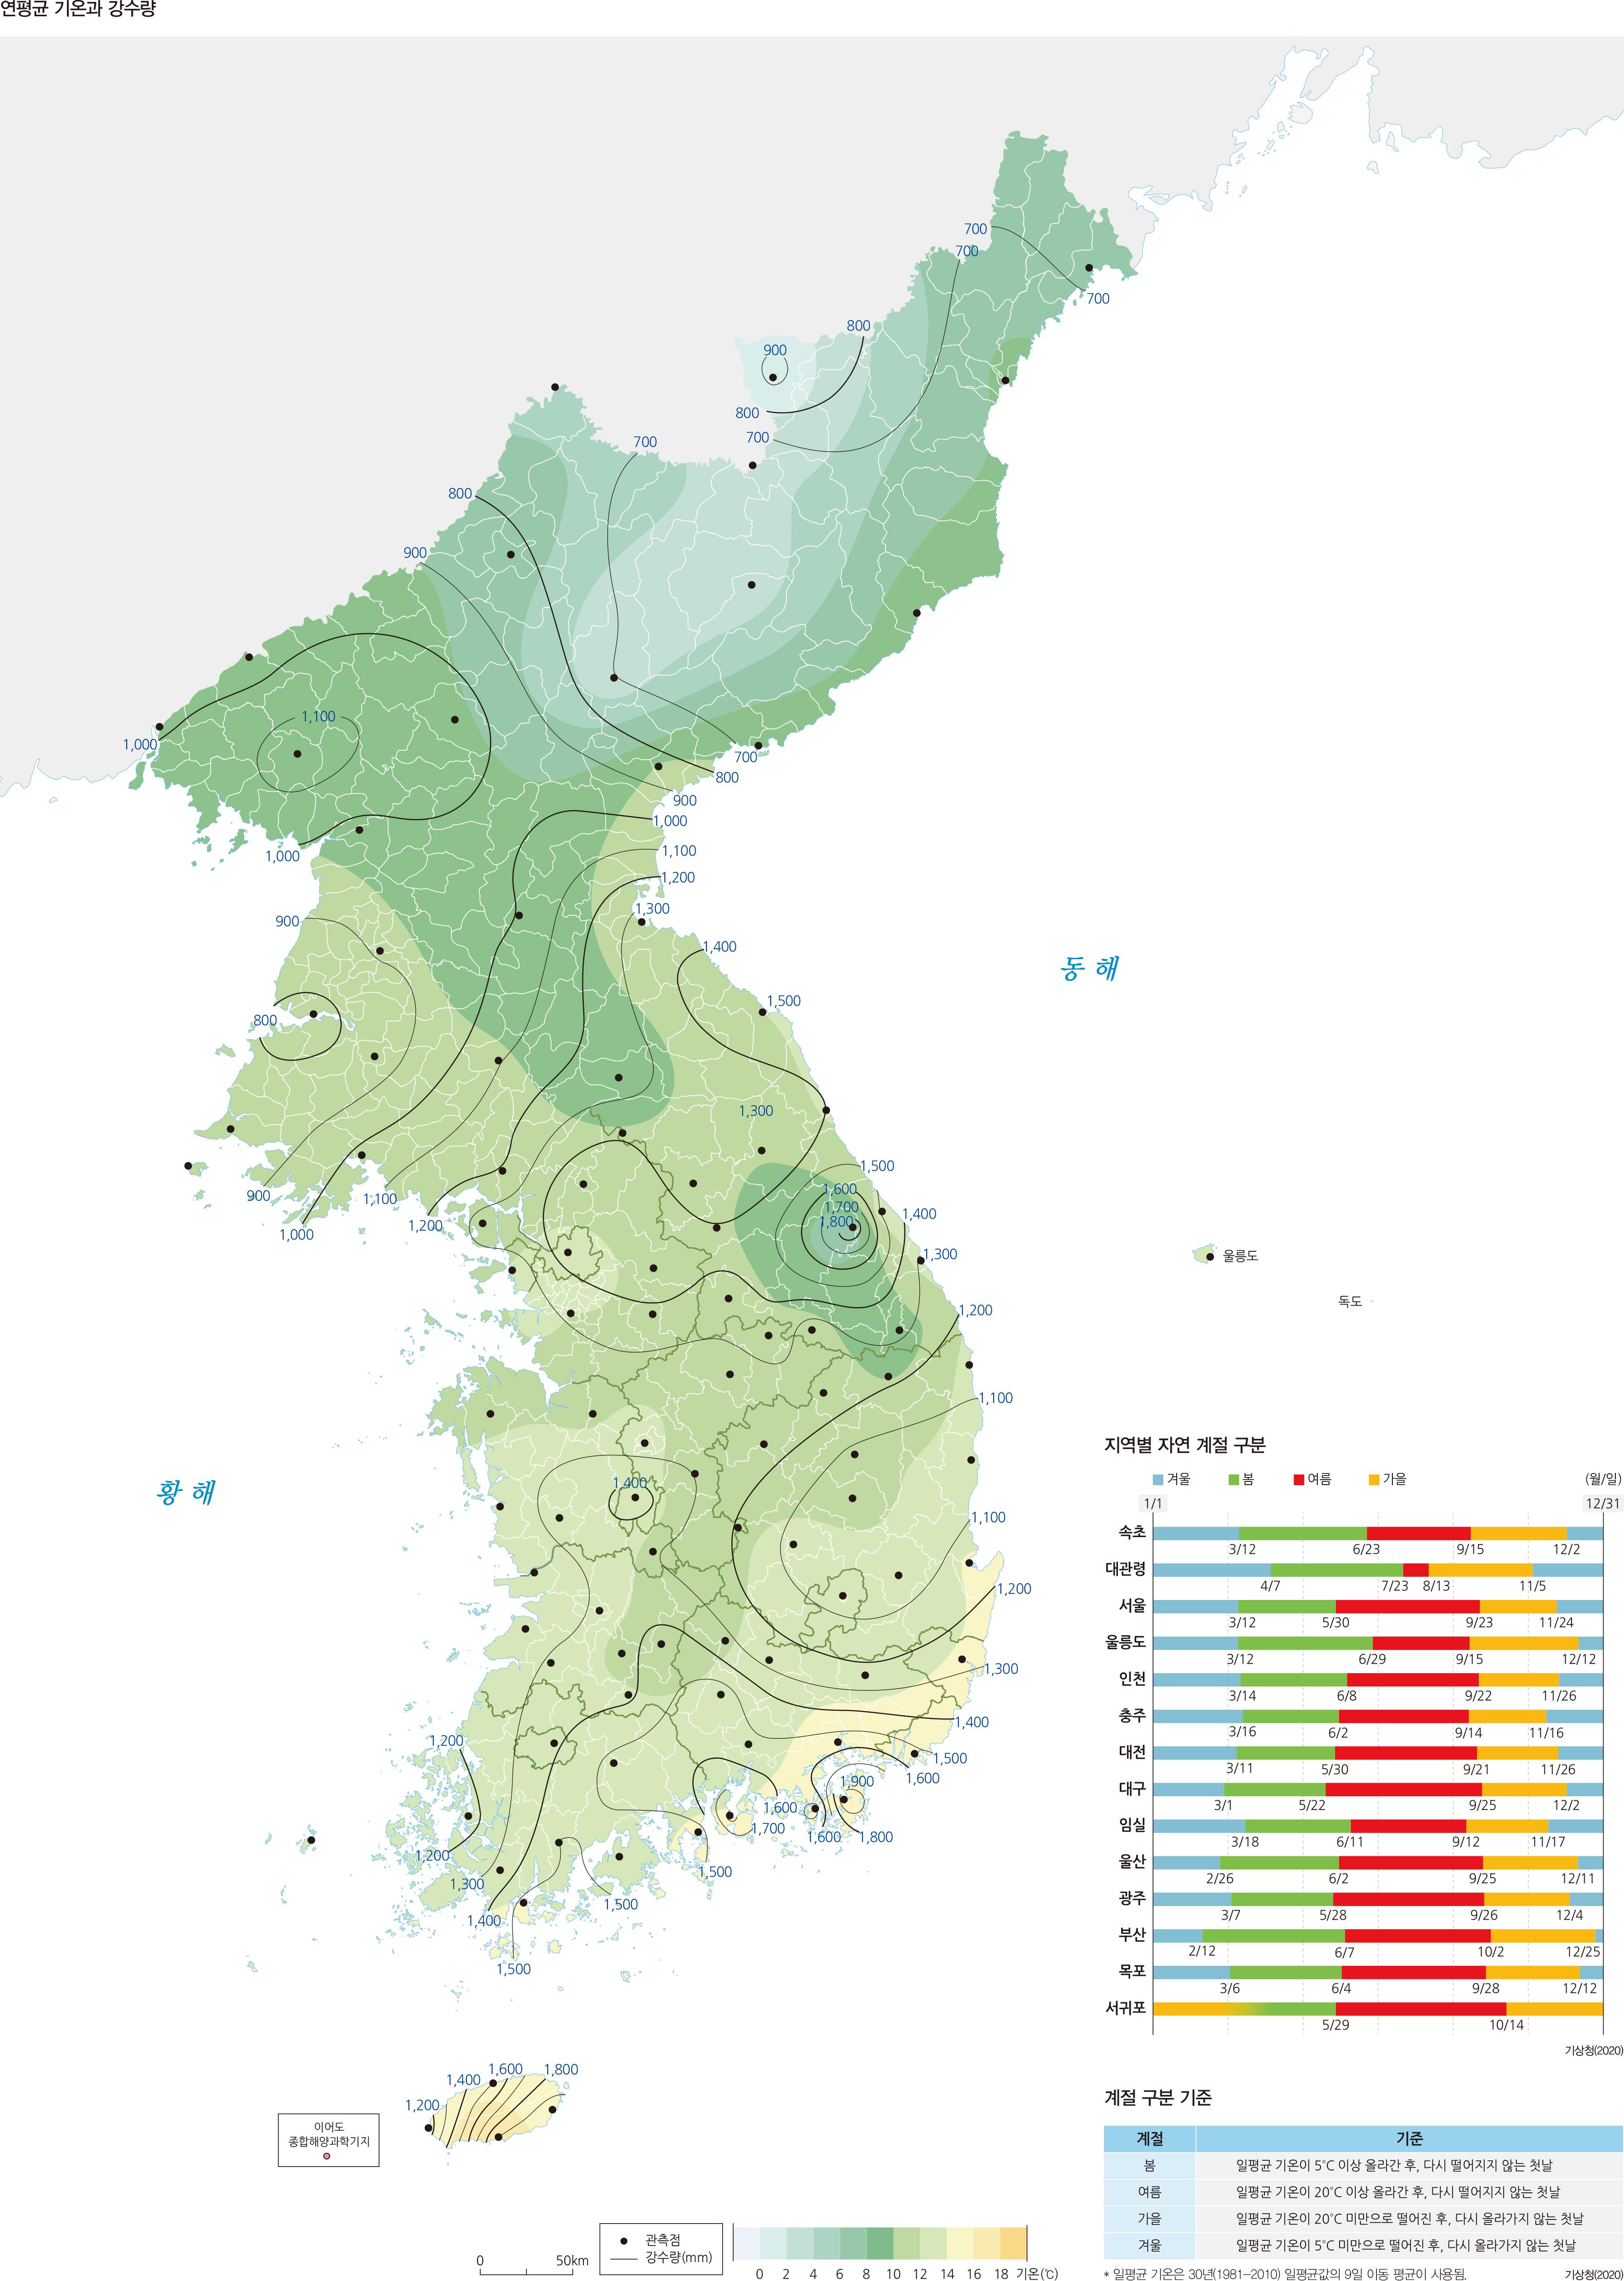 연평균 기온과 강수량